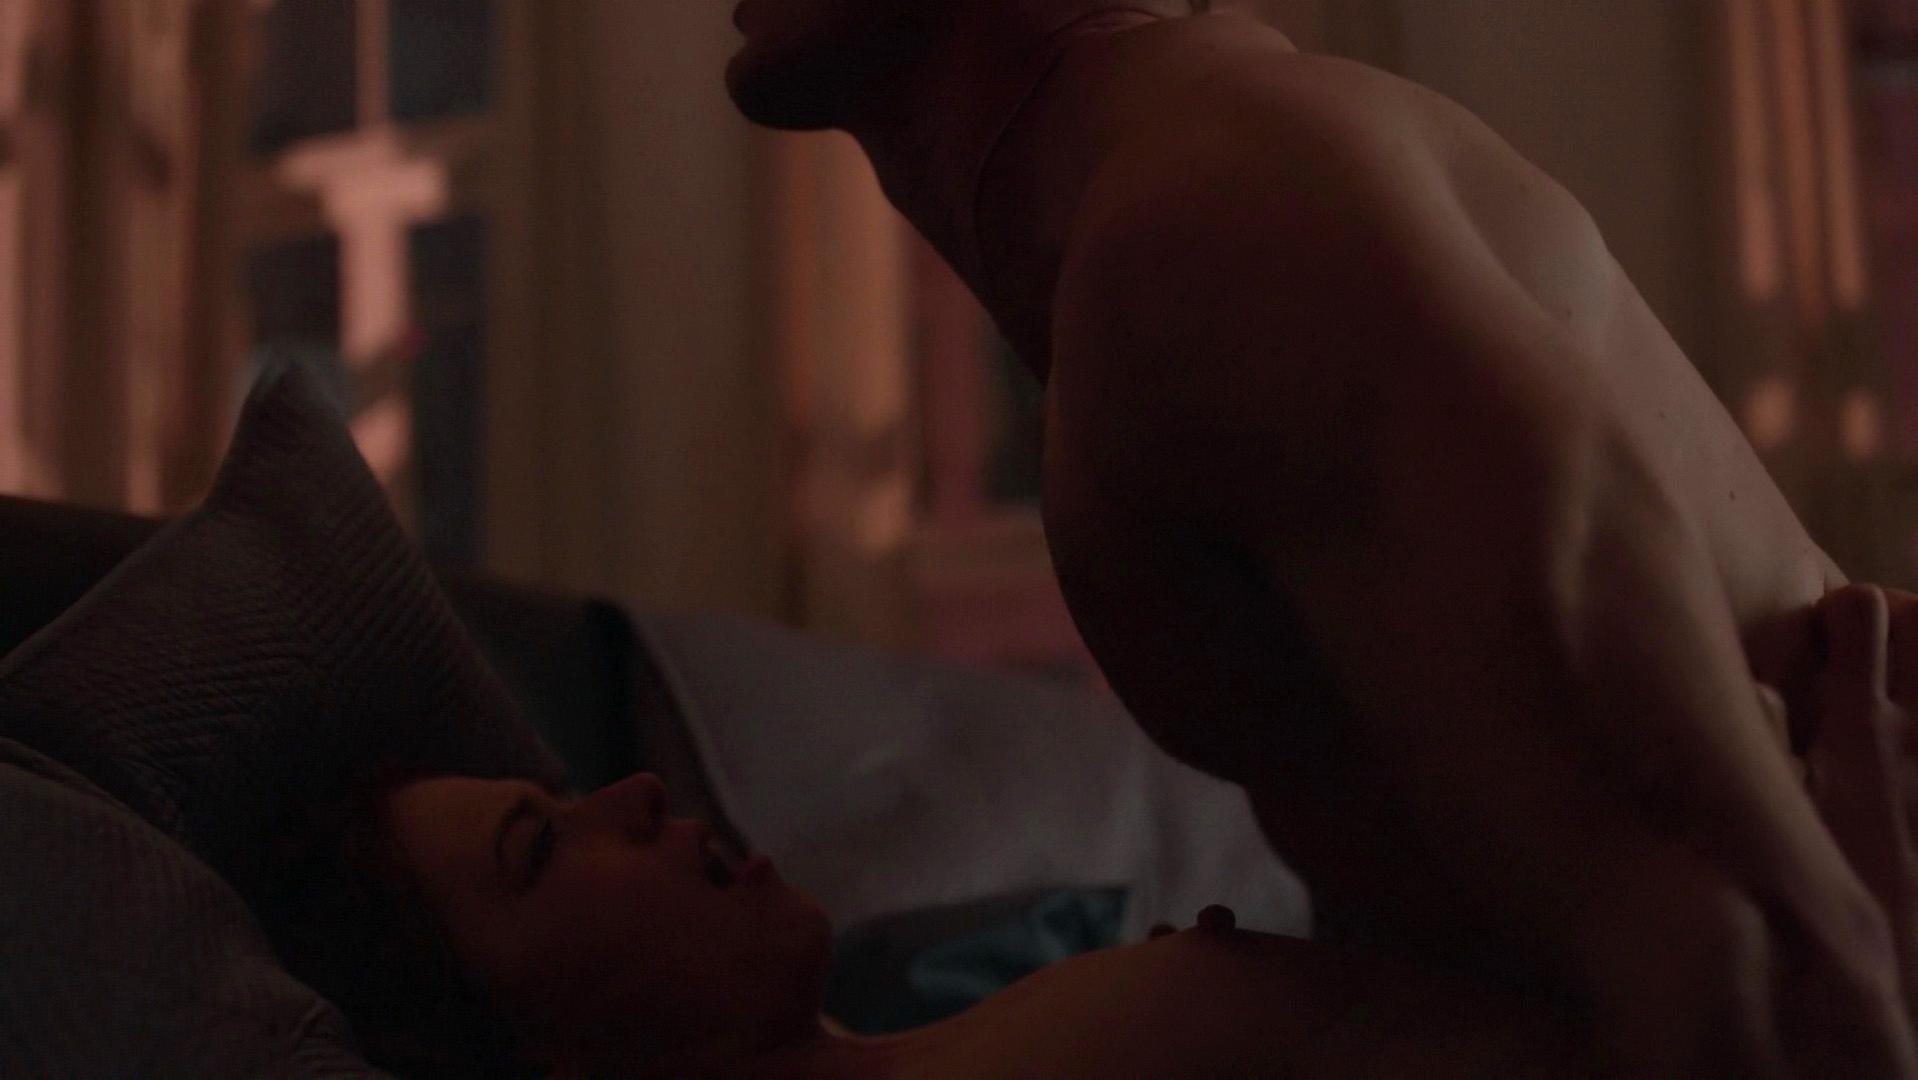 Lucy Walters nude, Naturi Naughton nude, Lela Loren sexy - Power s01e04 (2014)